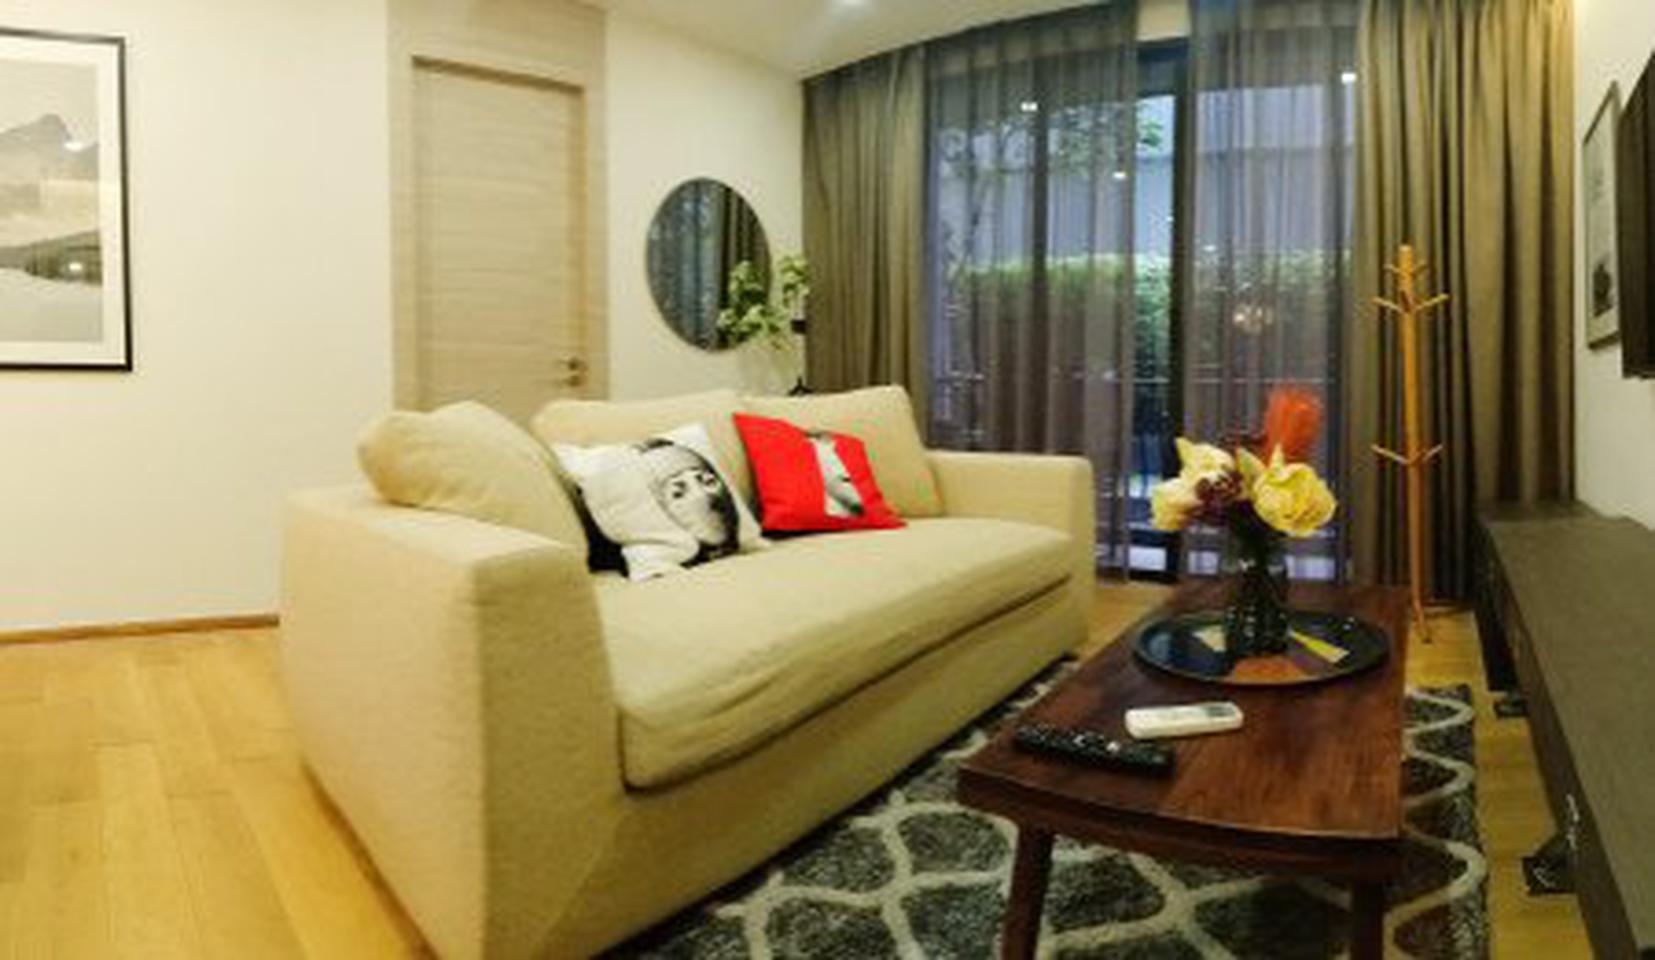 ขาย คอนโด For Sale Klass Langsuan Luxury condo on Langsuan rd. with Fully Furnished and Nice Decoration Klass หลังสวน 74 รูปที่ 2